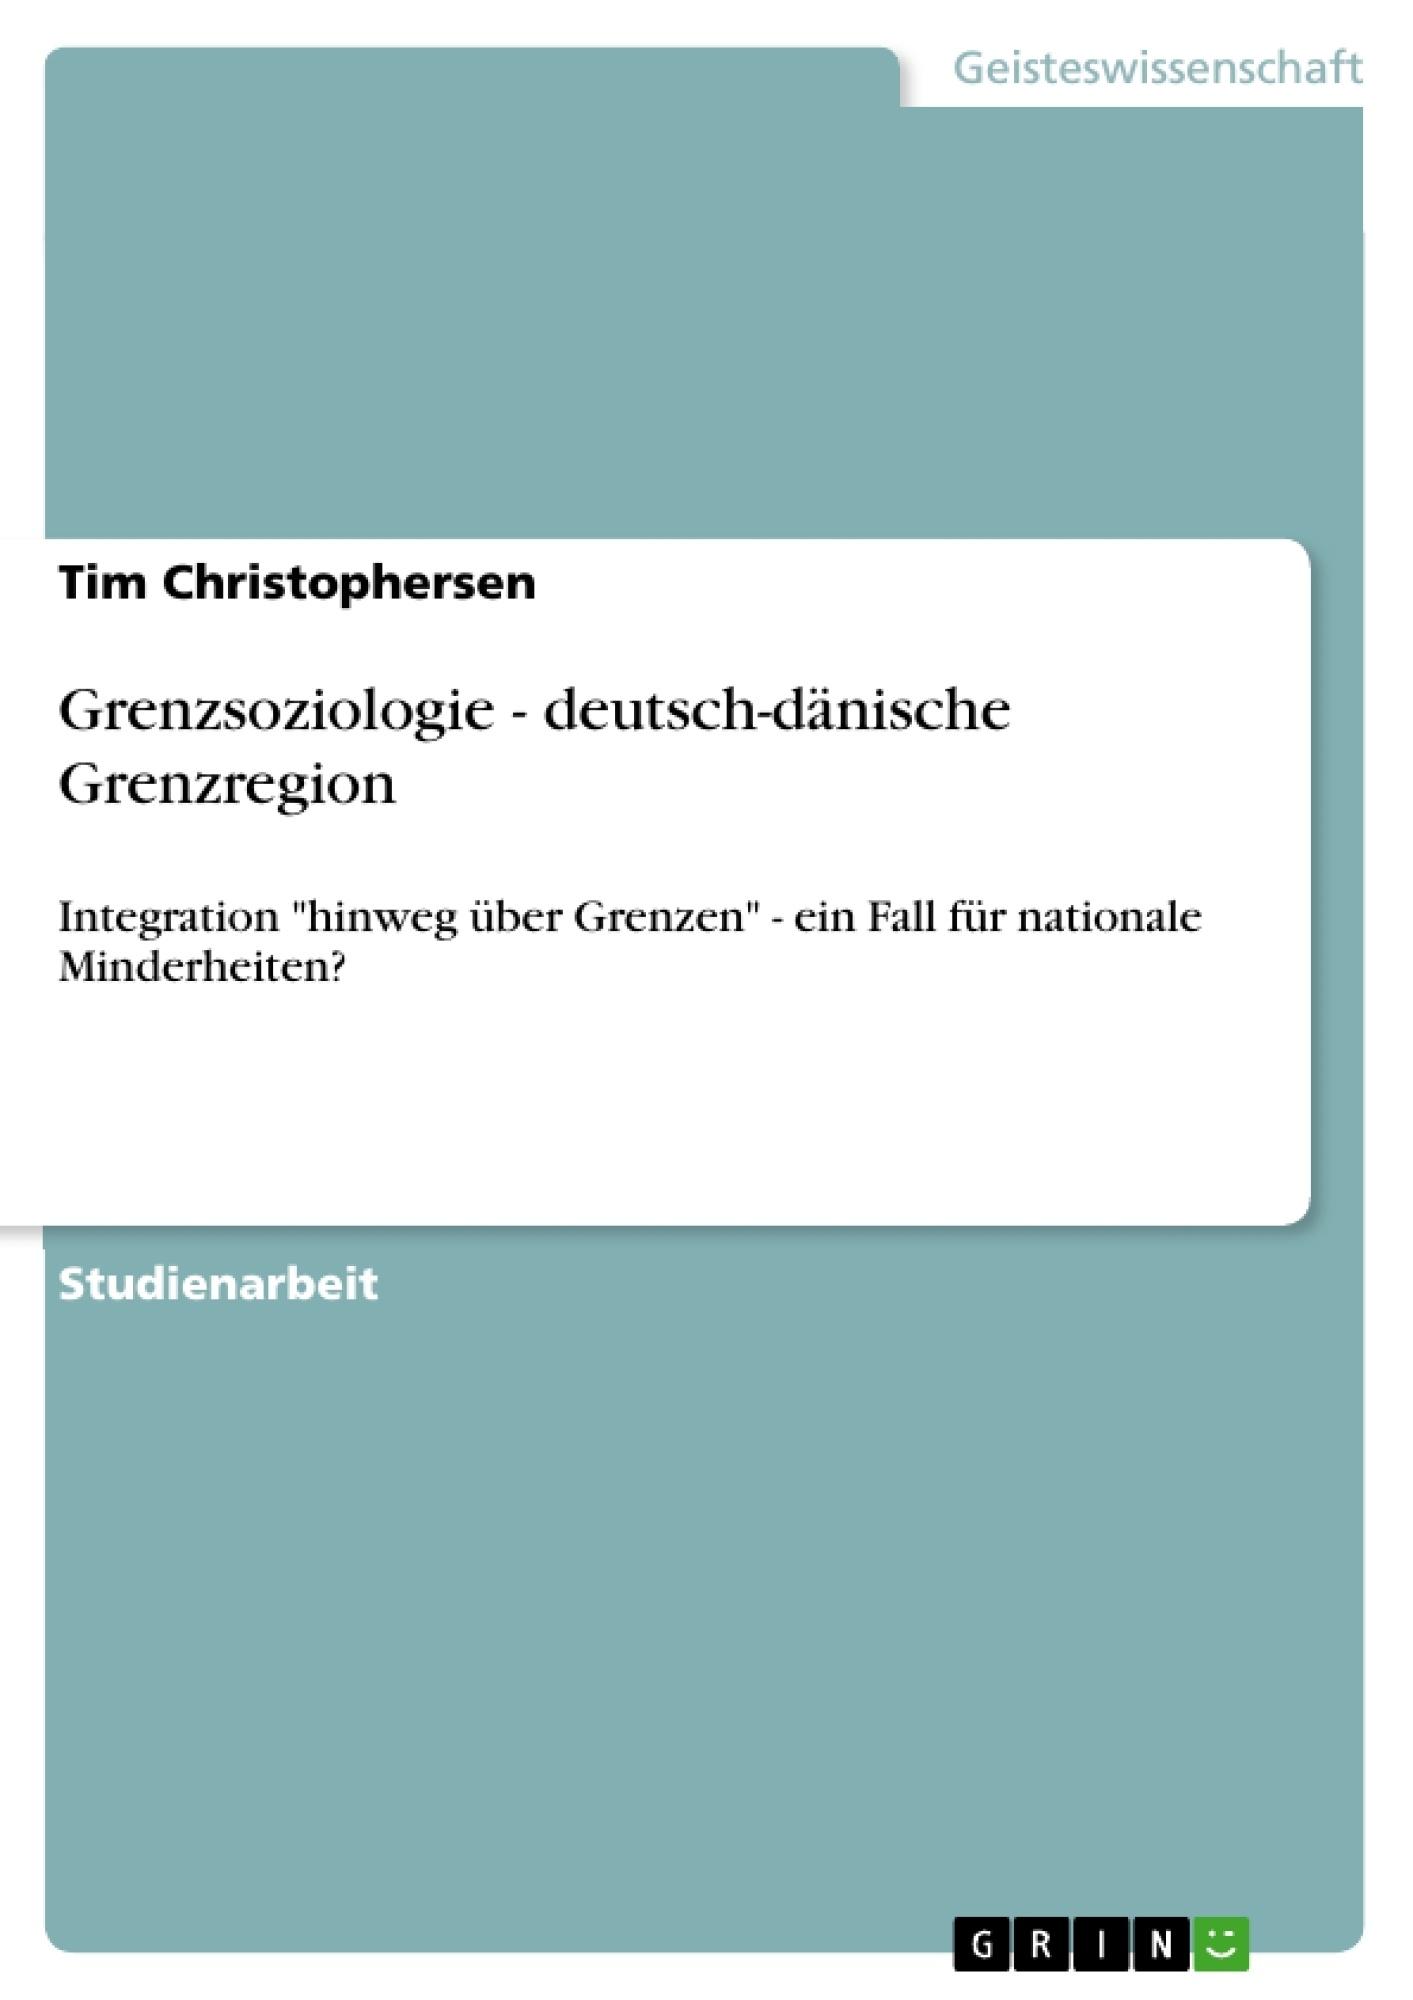 Titel: Grenzsoziologie - deutsch-dänische Grenzregion